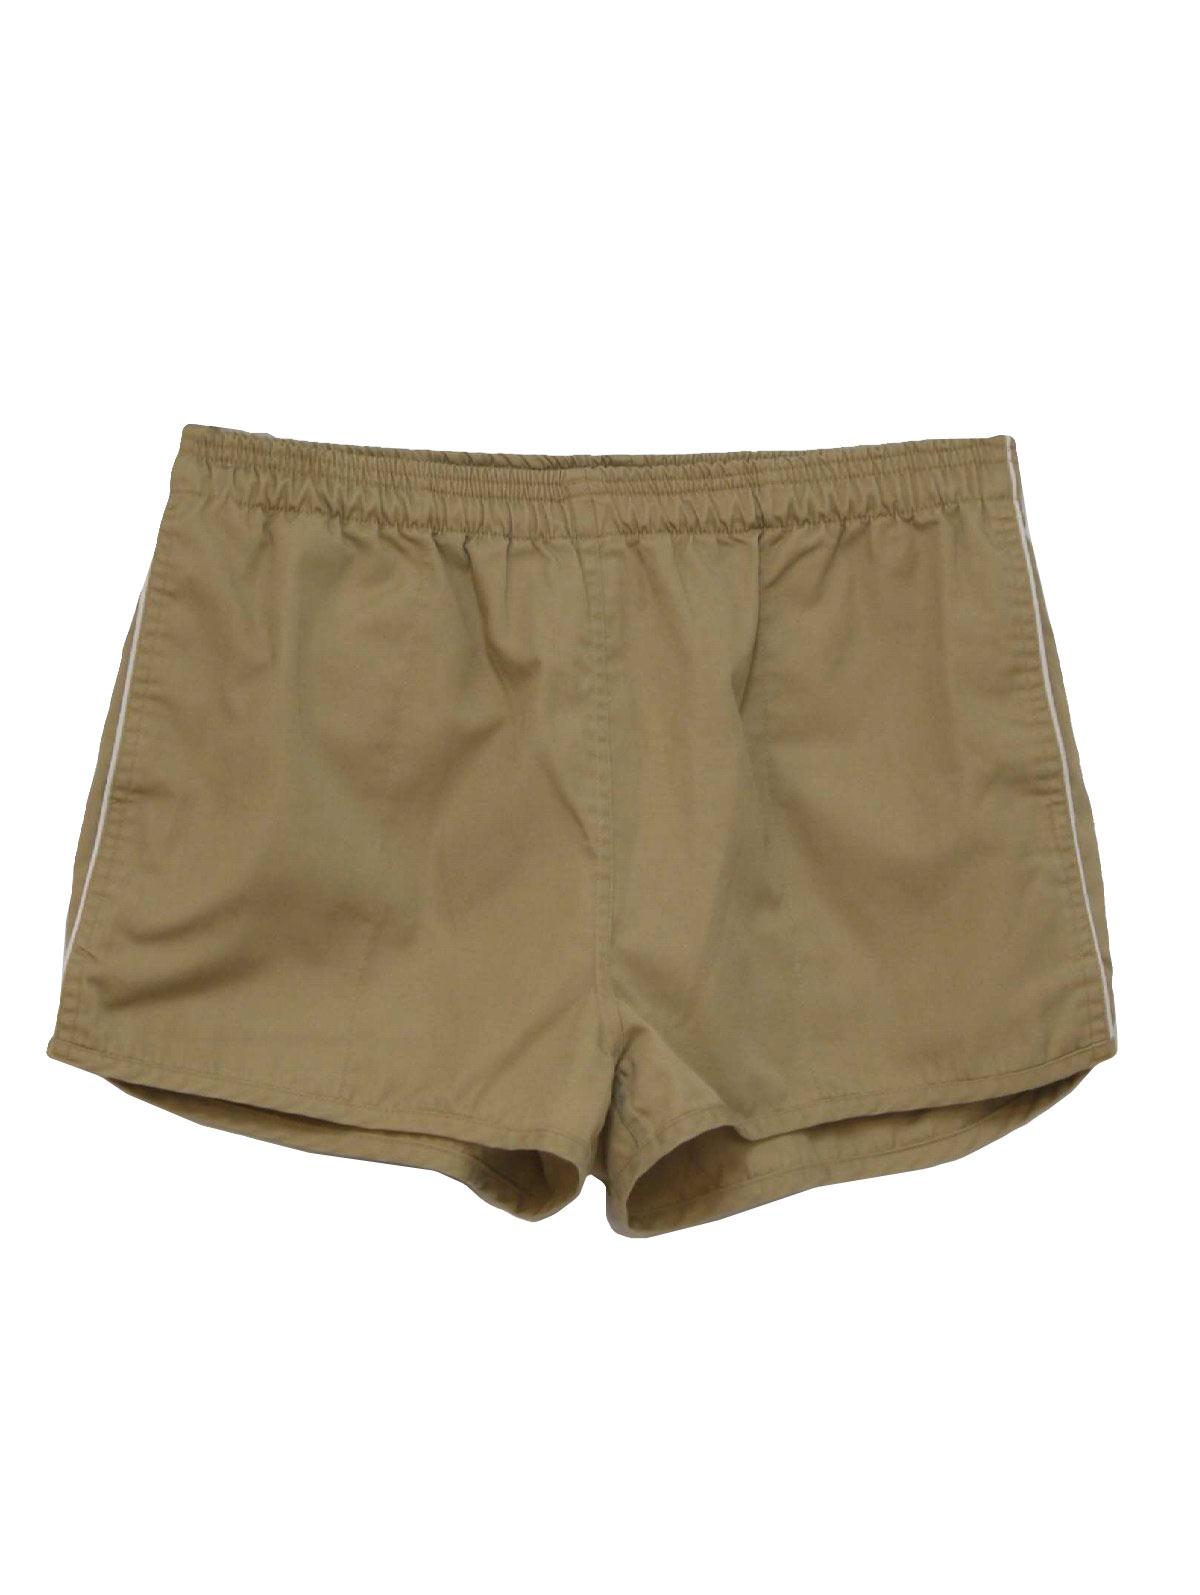 mens short khaki shorts